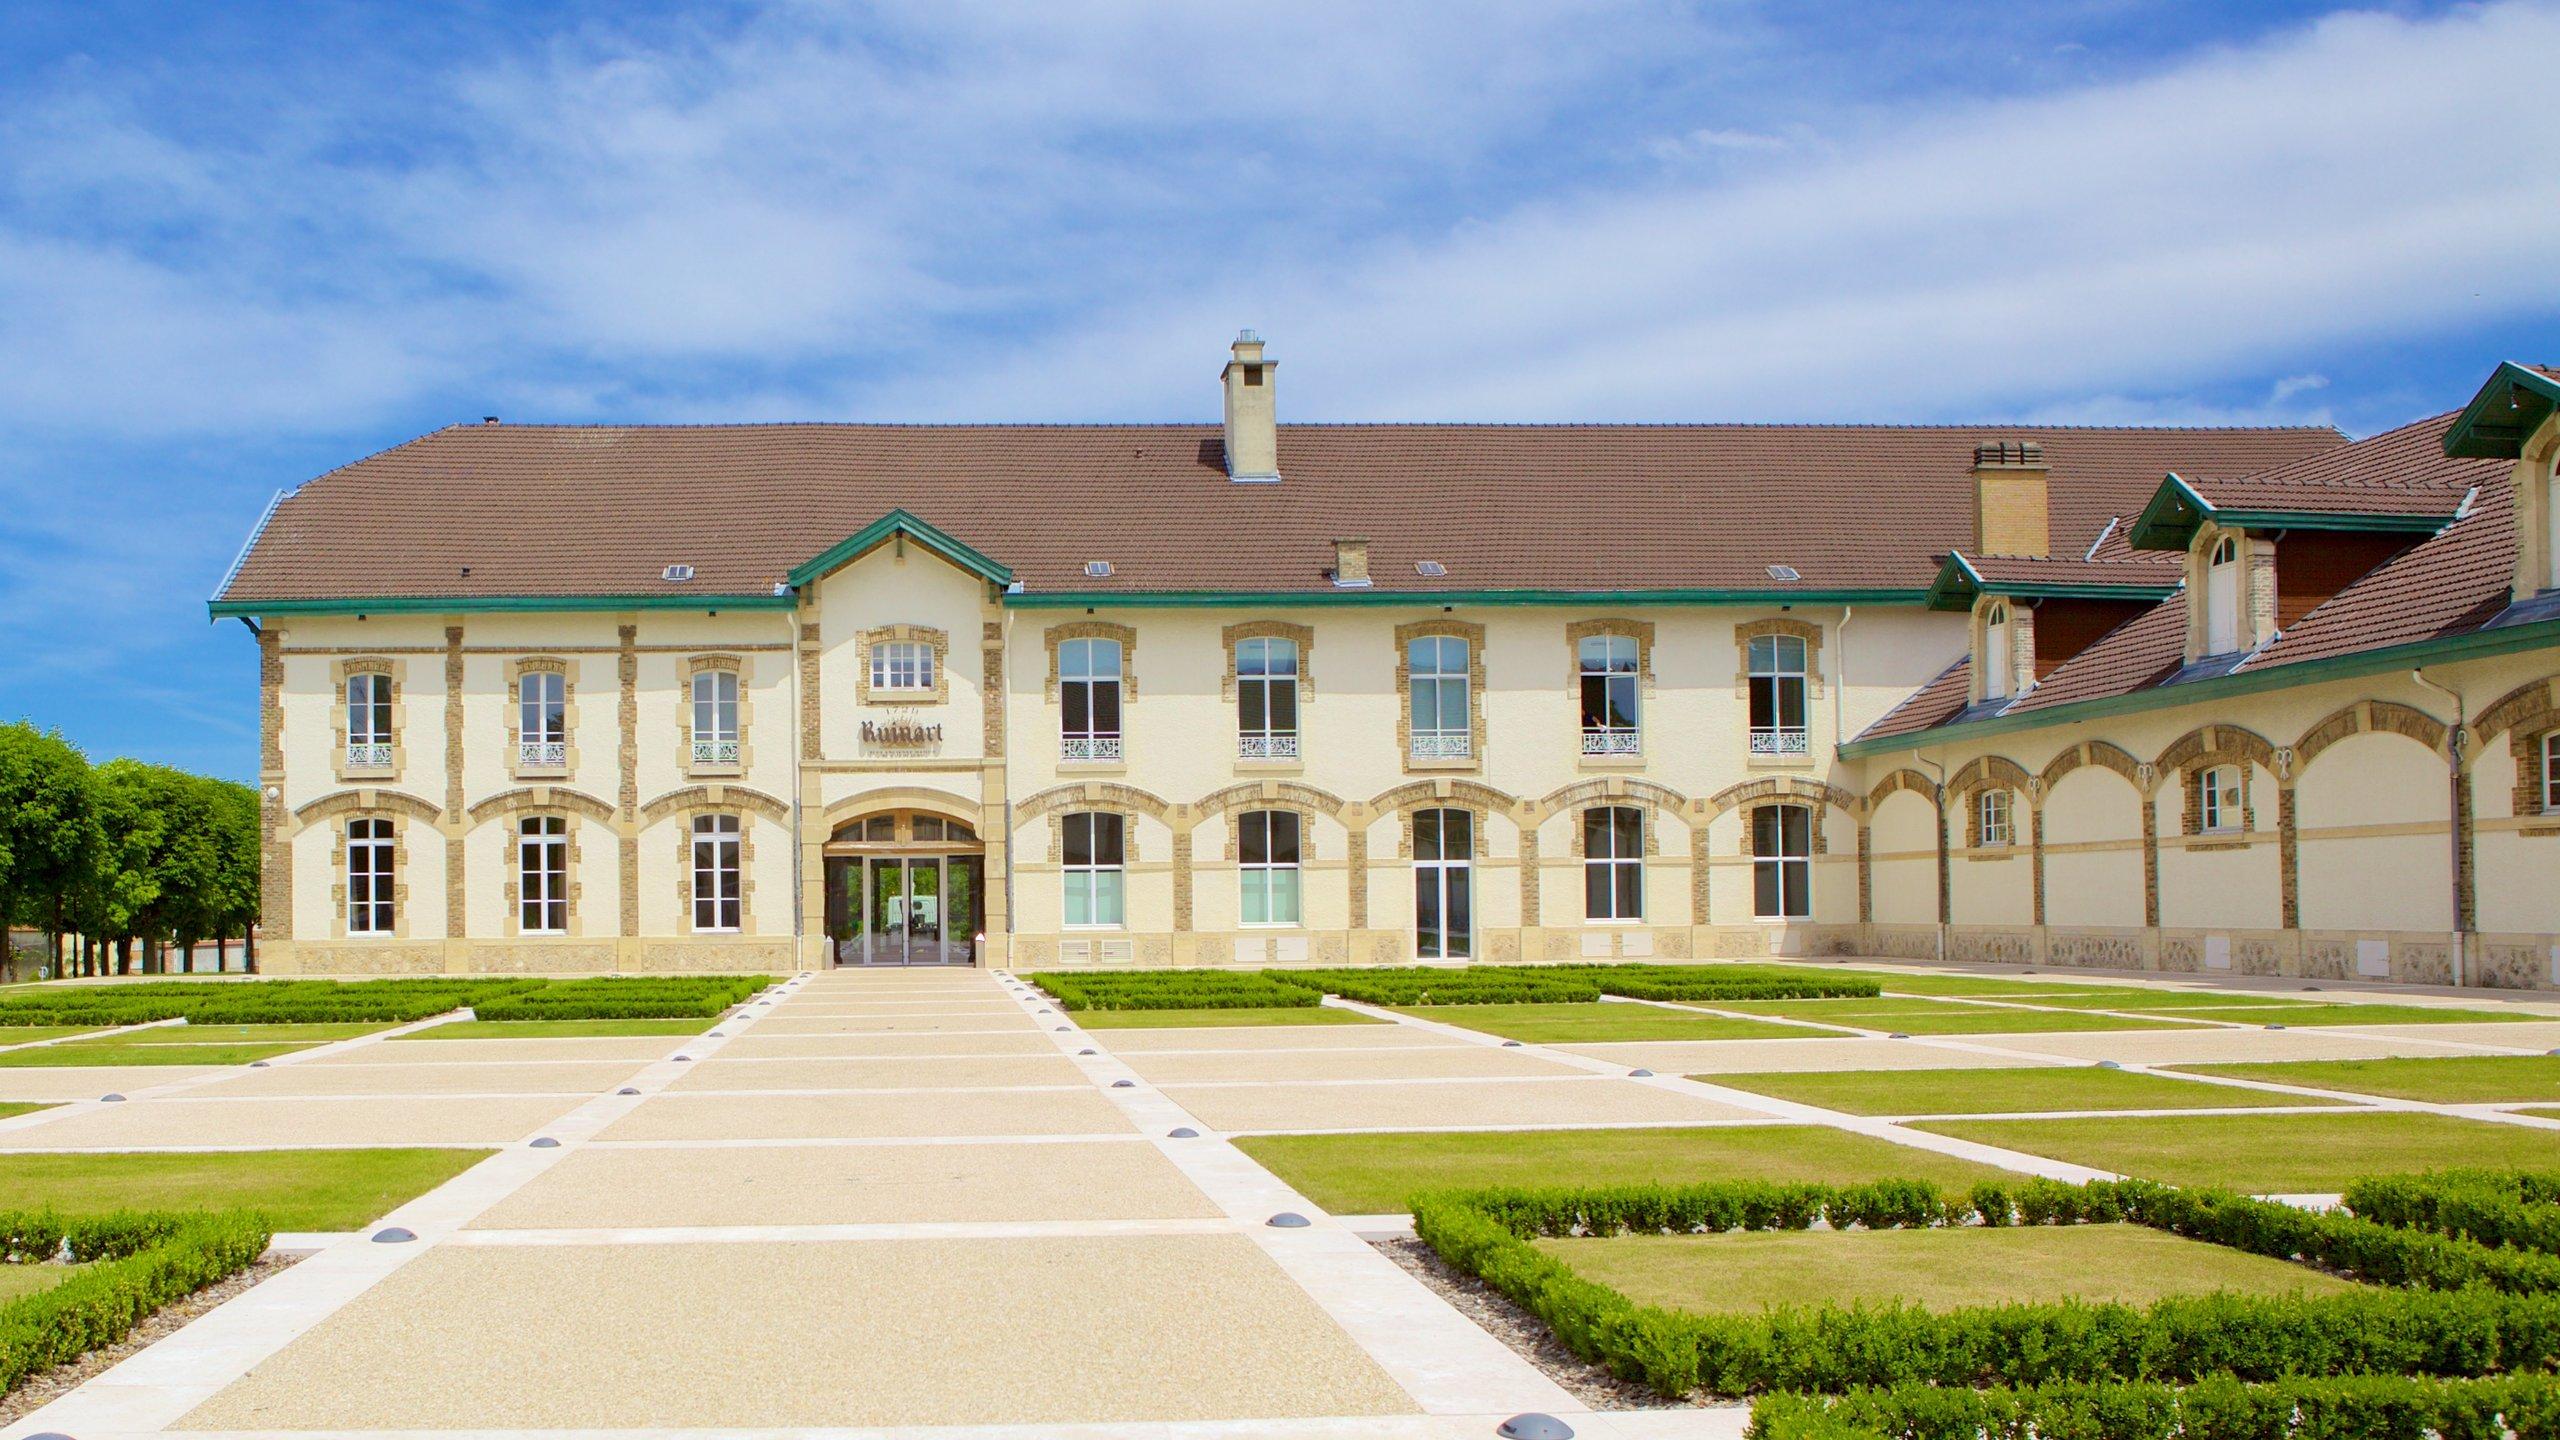 Eines der ältesten Champagnerhäuser der Welt lädt zur Erkundung gallo-römischer Kreidebrüche ein.